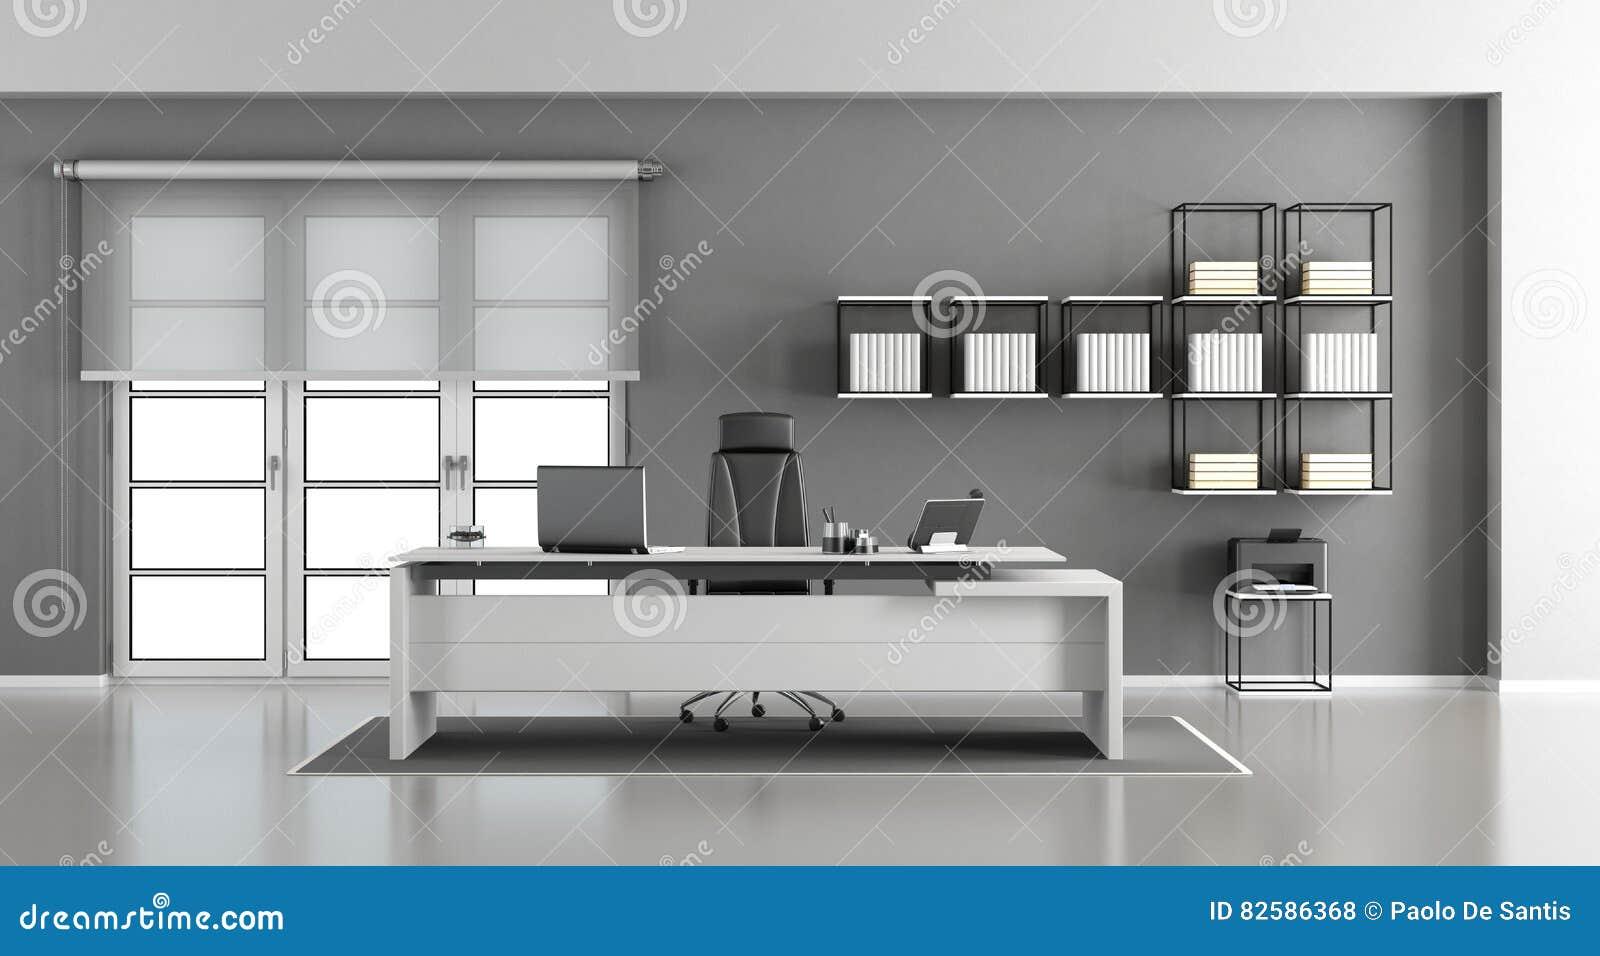 Ufficio Bianco E Grigio : Ufficio moderno bianco e grigio illustrazione di stock